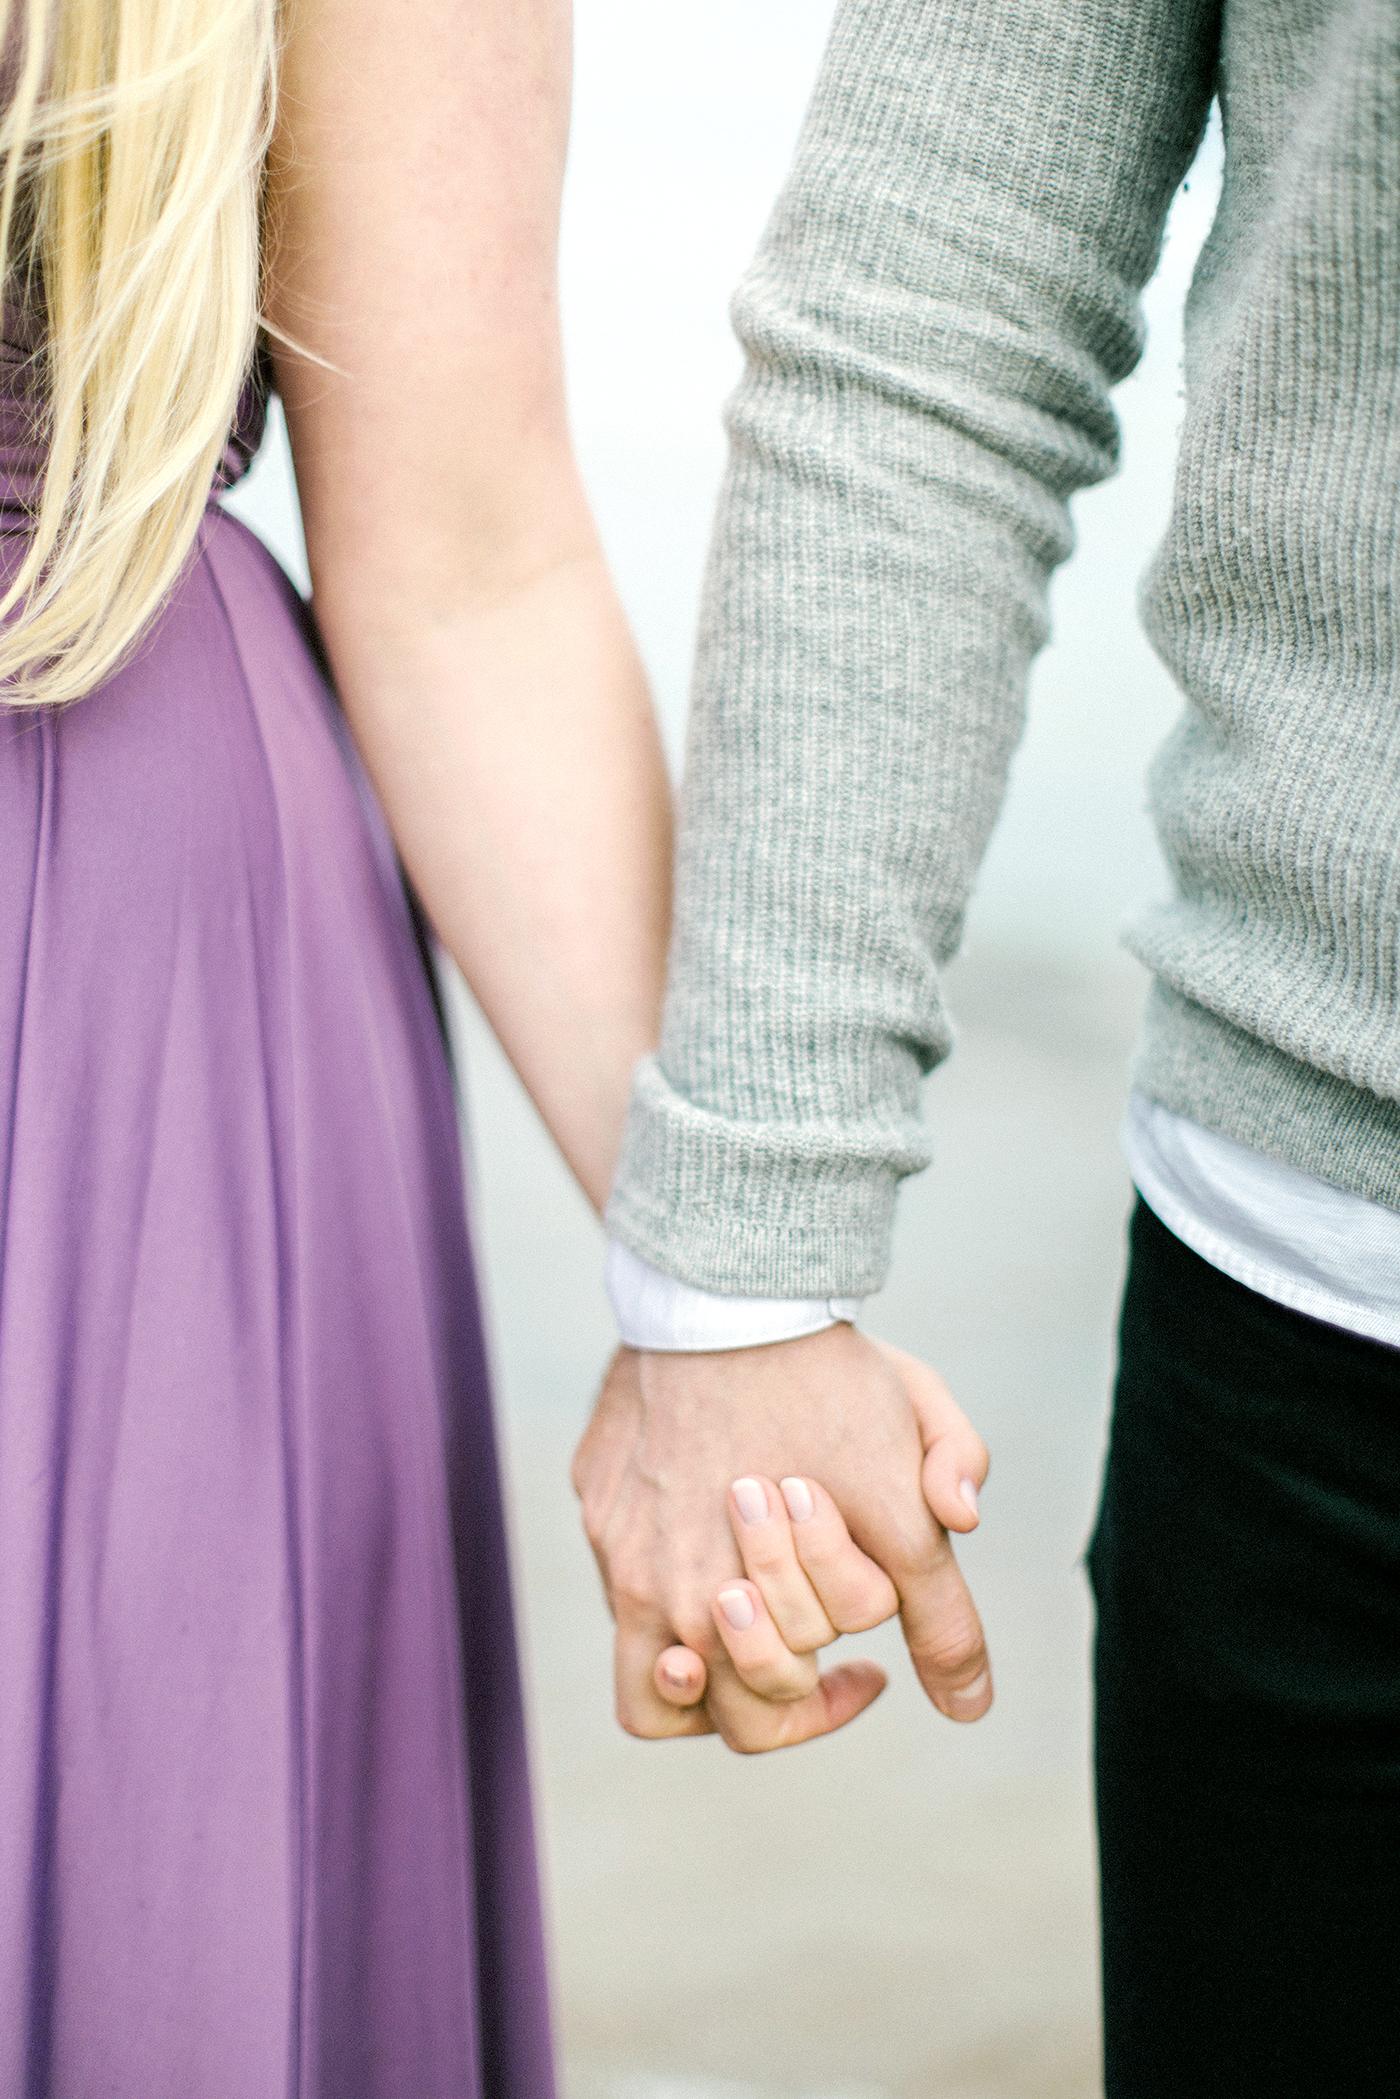 Sari & Mikko - Beach Engagement Couple Shoot in Hanko kihlakuvaus parikuvaus - Susanna Nordvall - Hey Look (12).jpg